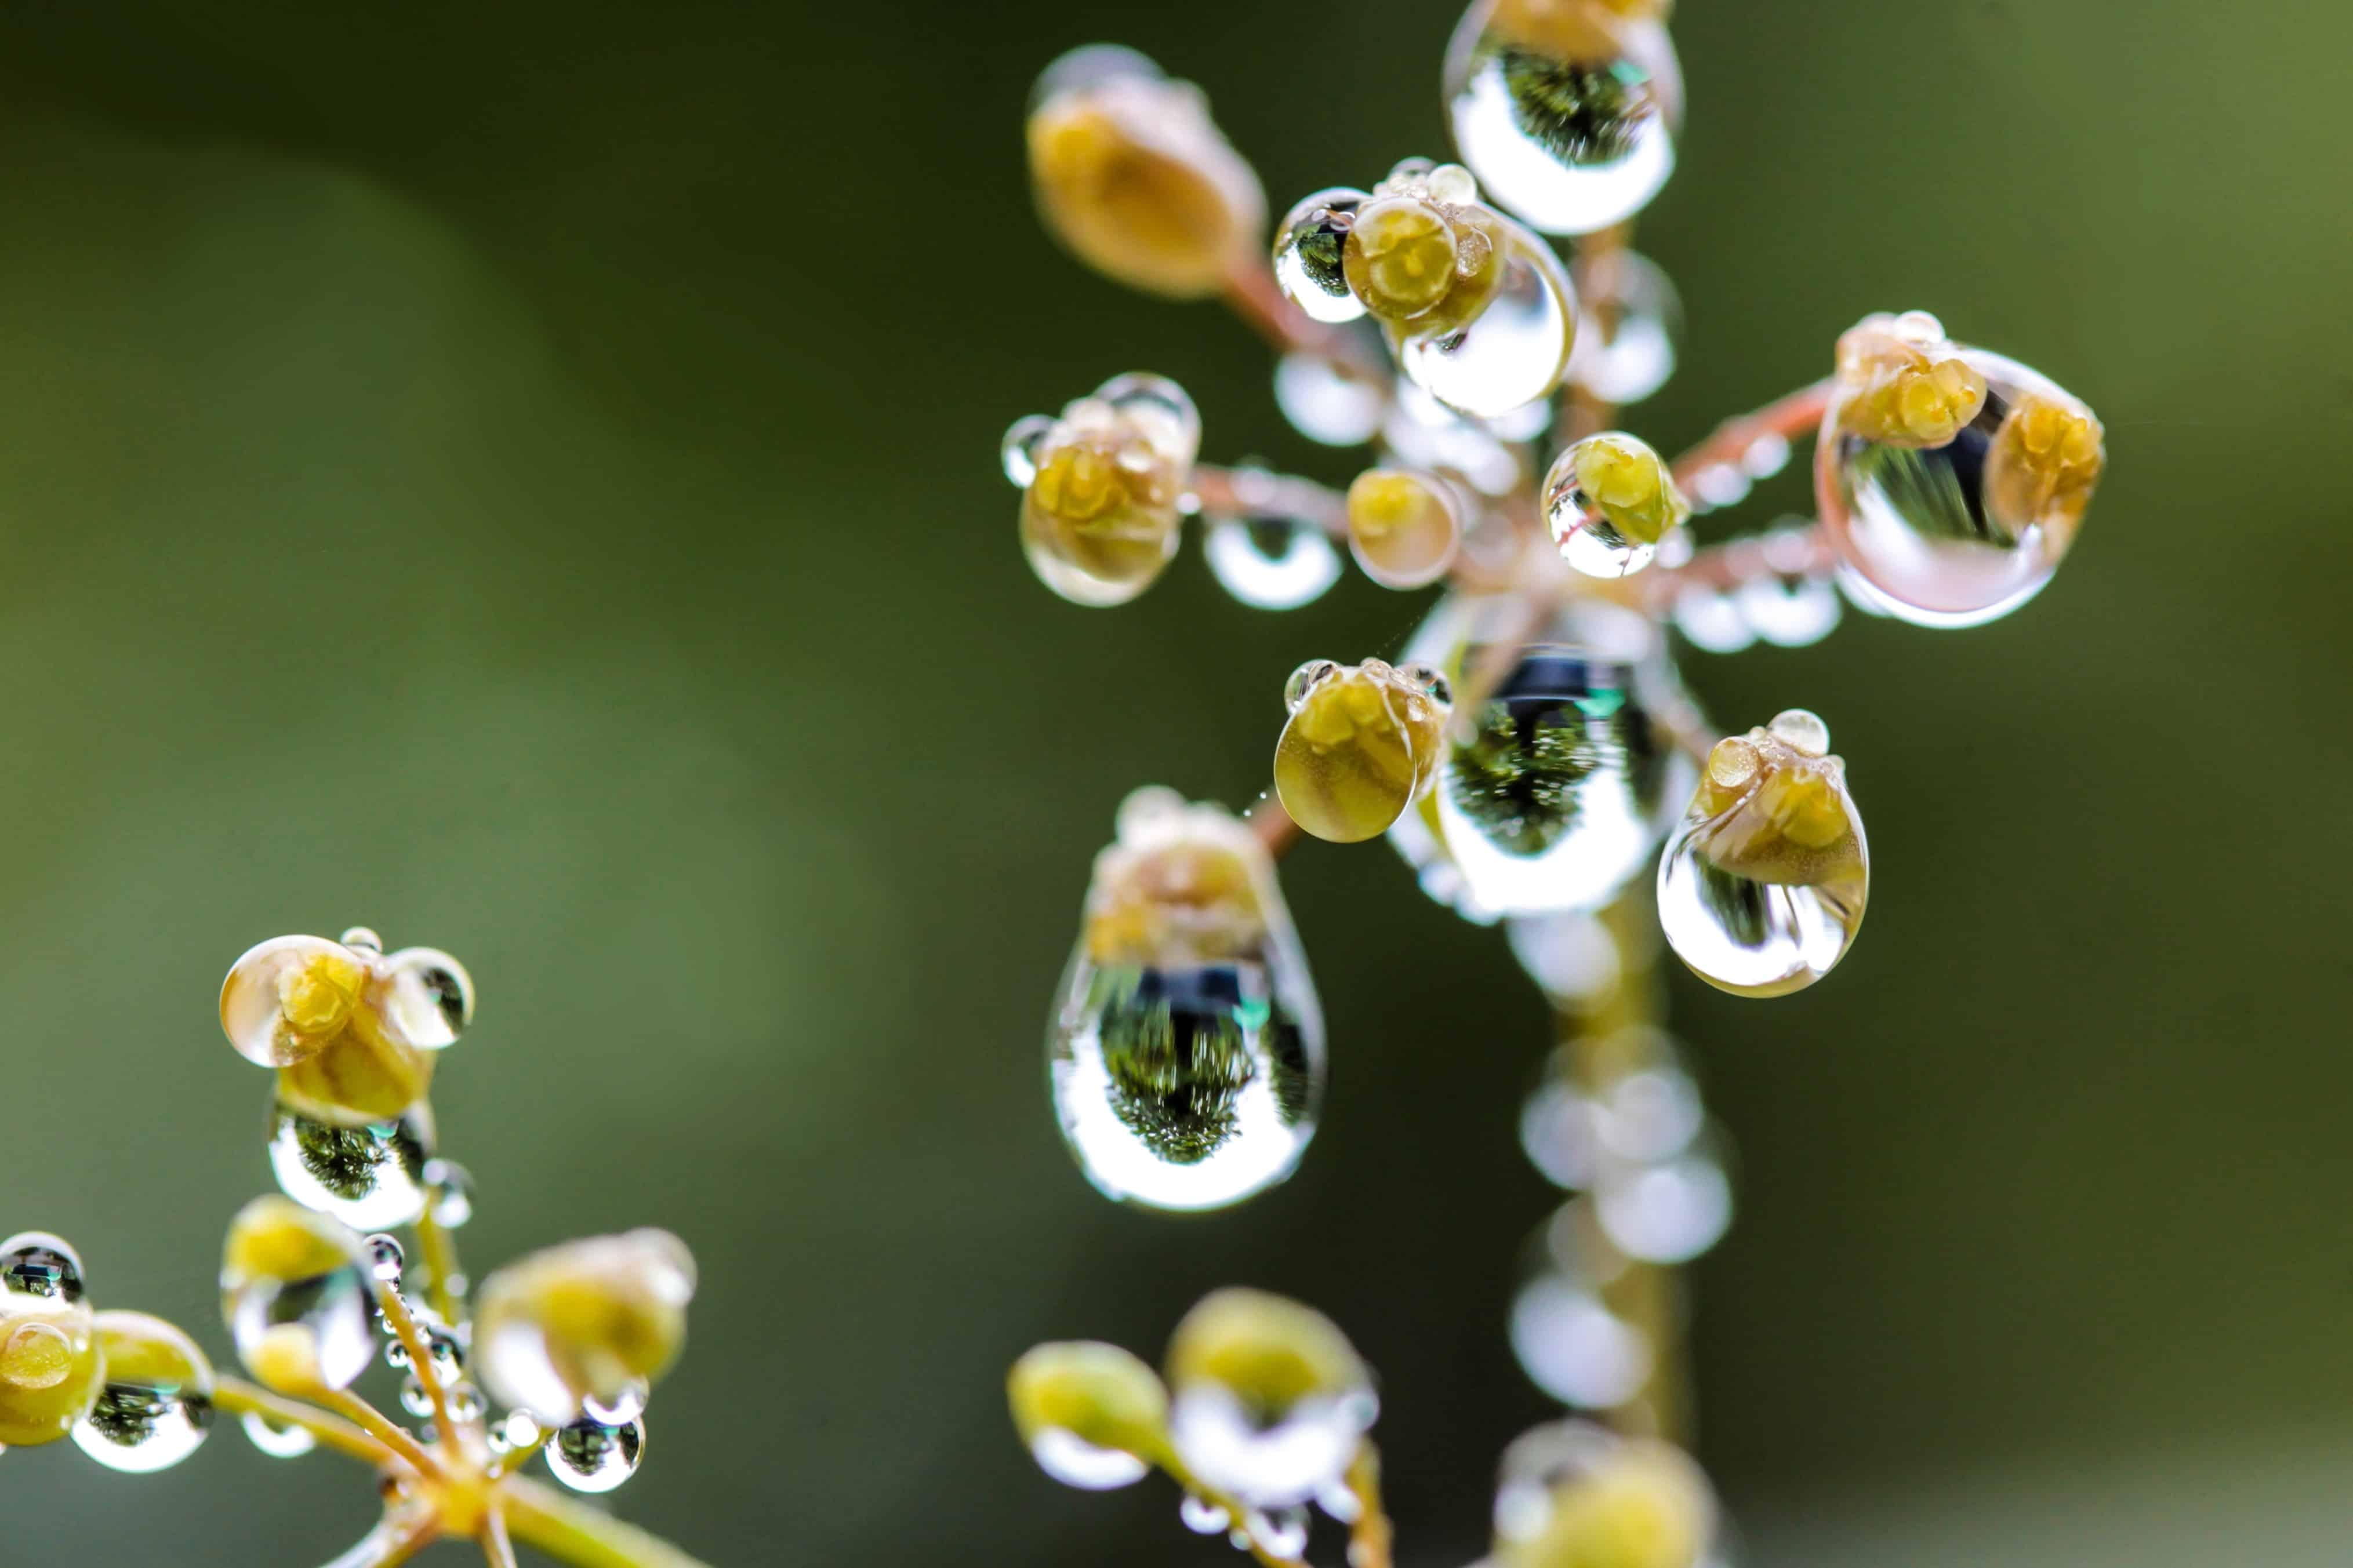 наперво, макро фото растений утру